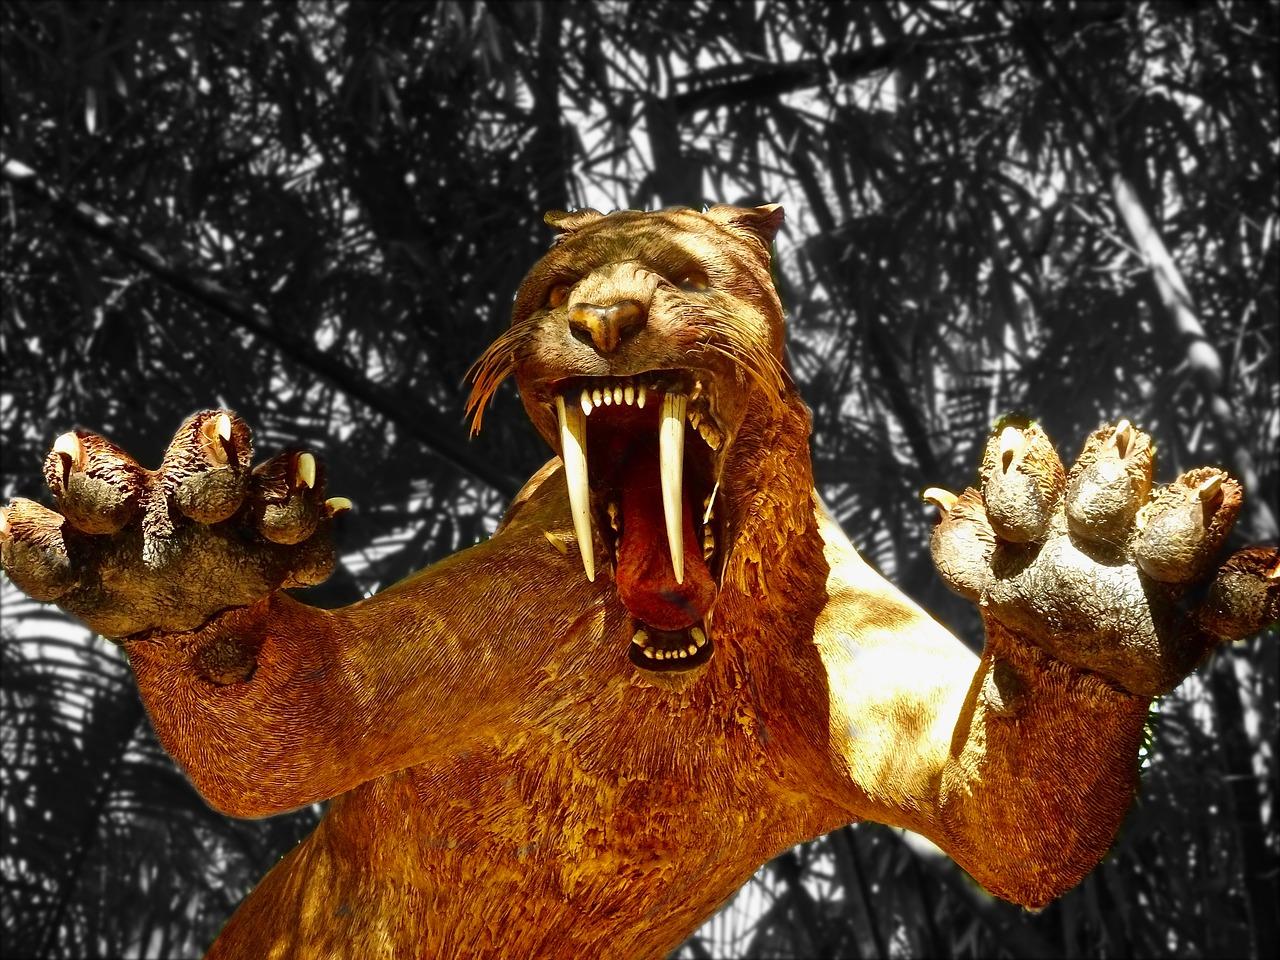 Une sculpture de tigre à dents de sabre